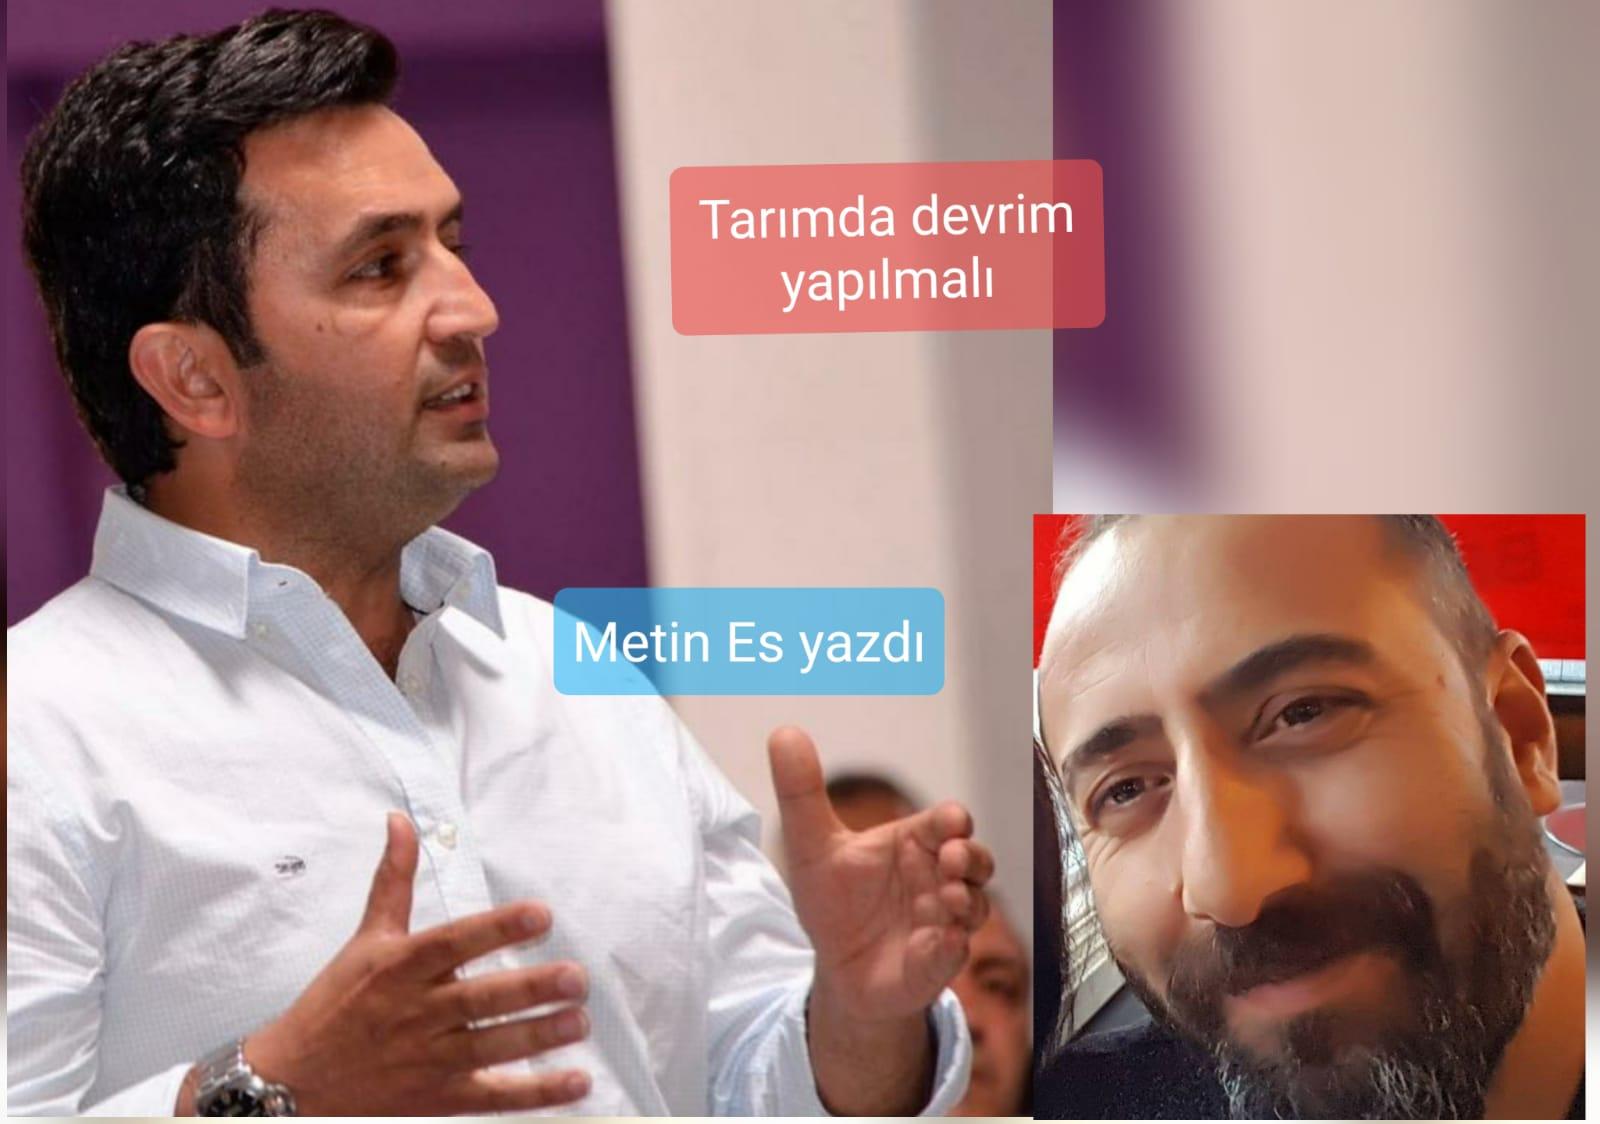 Türkiye`nin geleceği tarımda